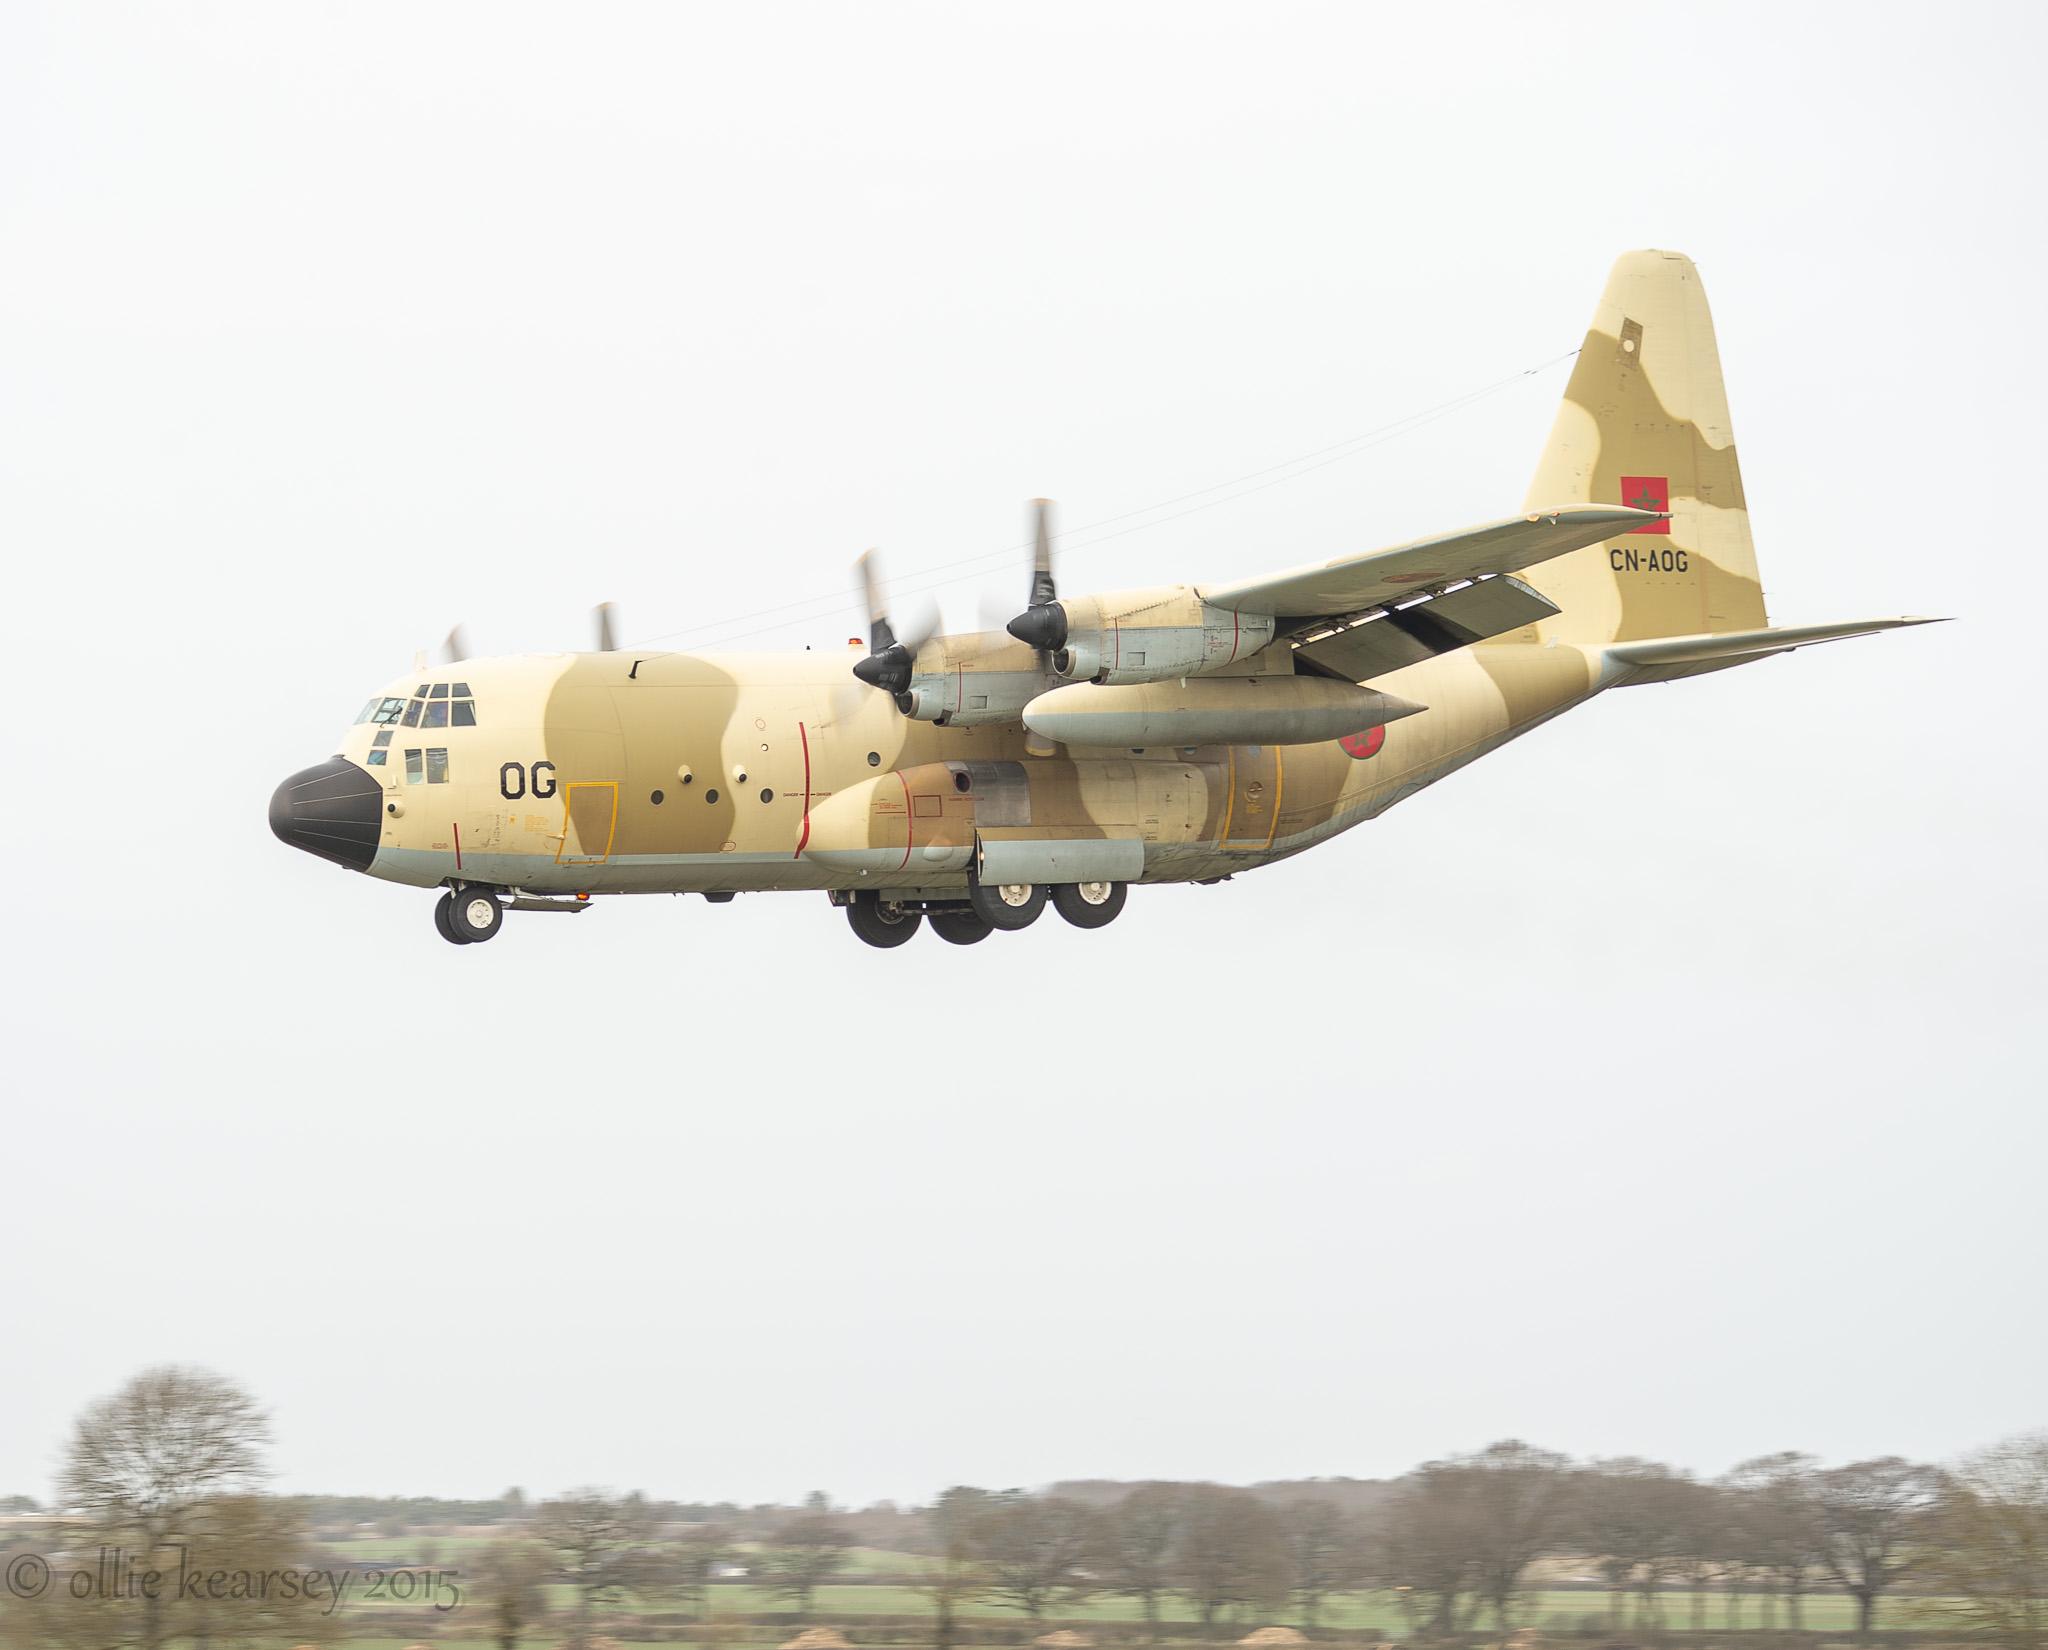 FRA: Photos d'avions de transport - Page 21 16685631581_8e9162241c_o